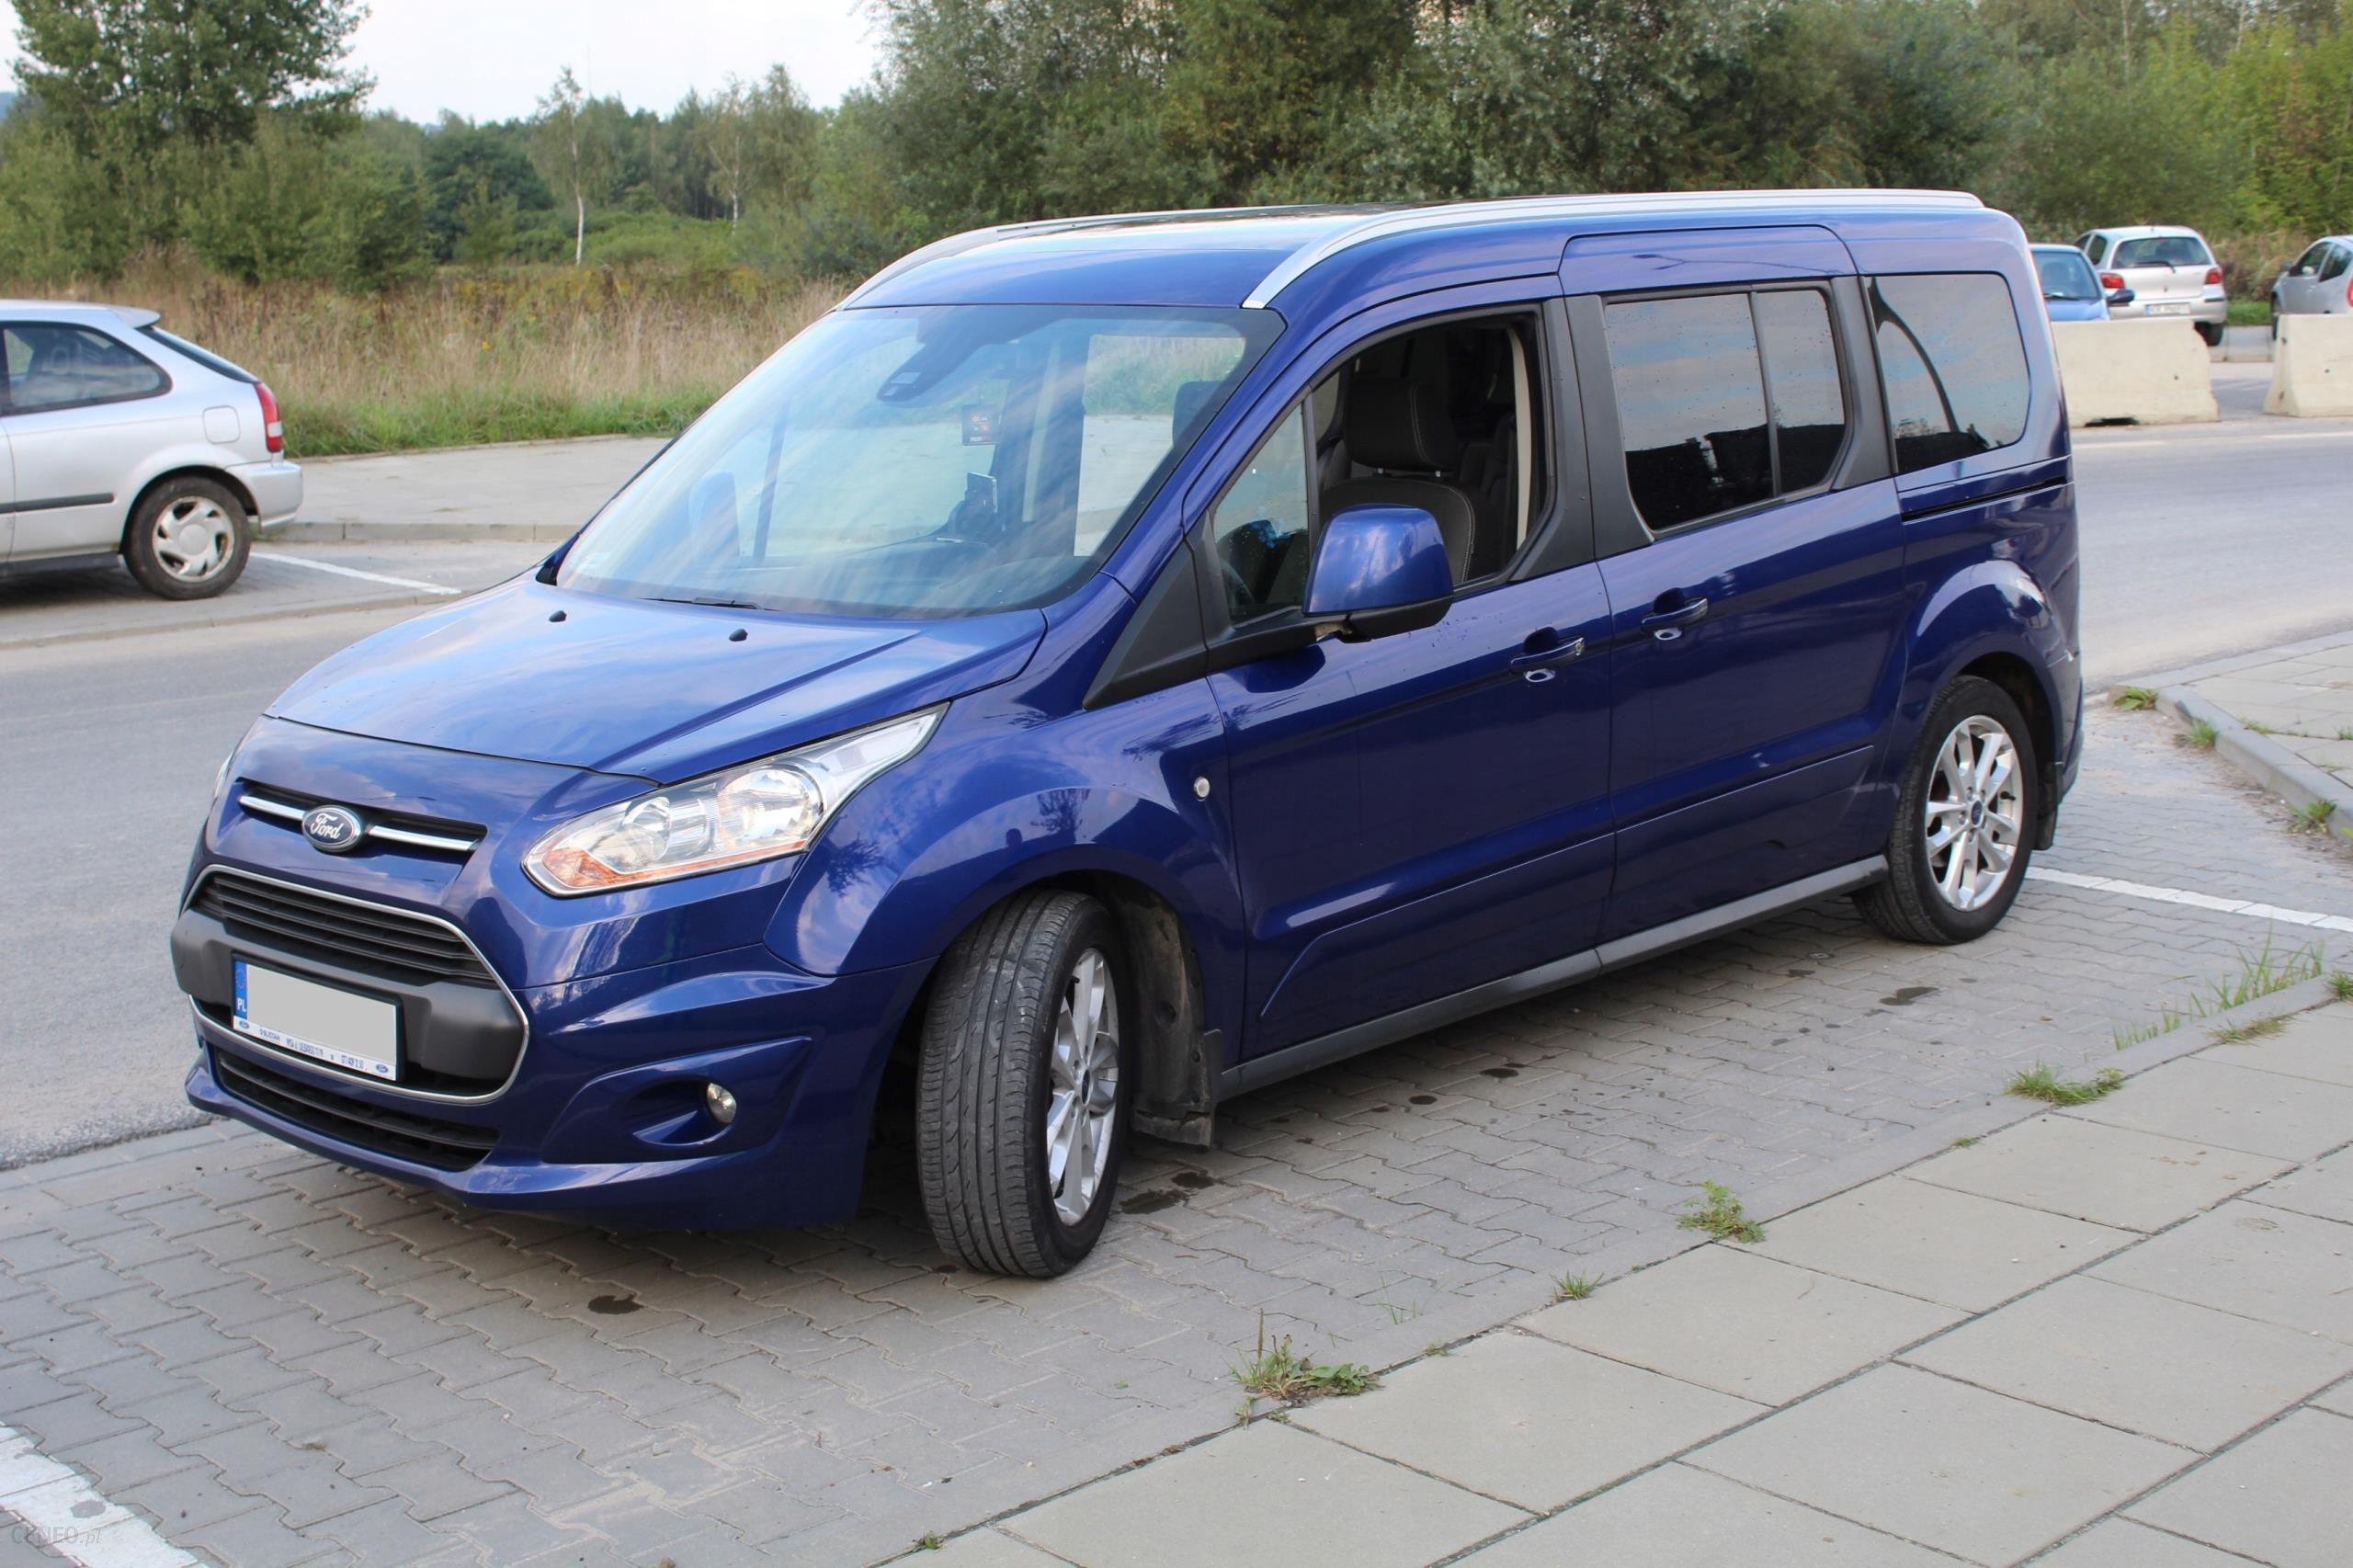 Ford Tourneo Connect 1 6 Tdci 115 Km 7 Osobowy Opinie I Ceny Na Ceneo Pl